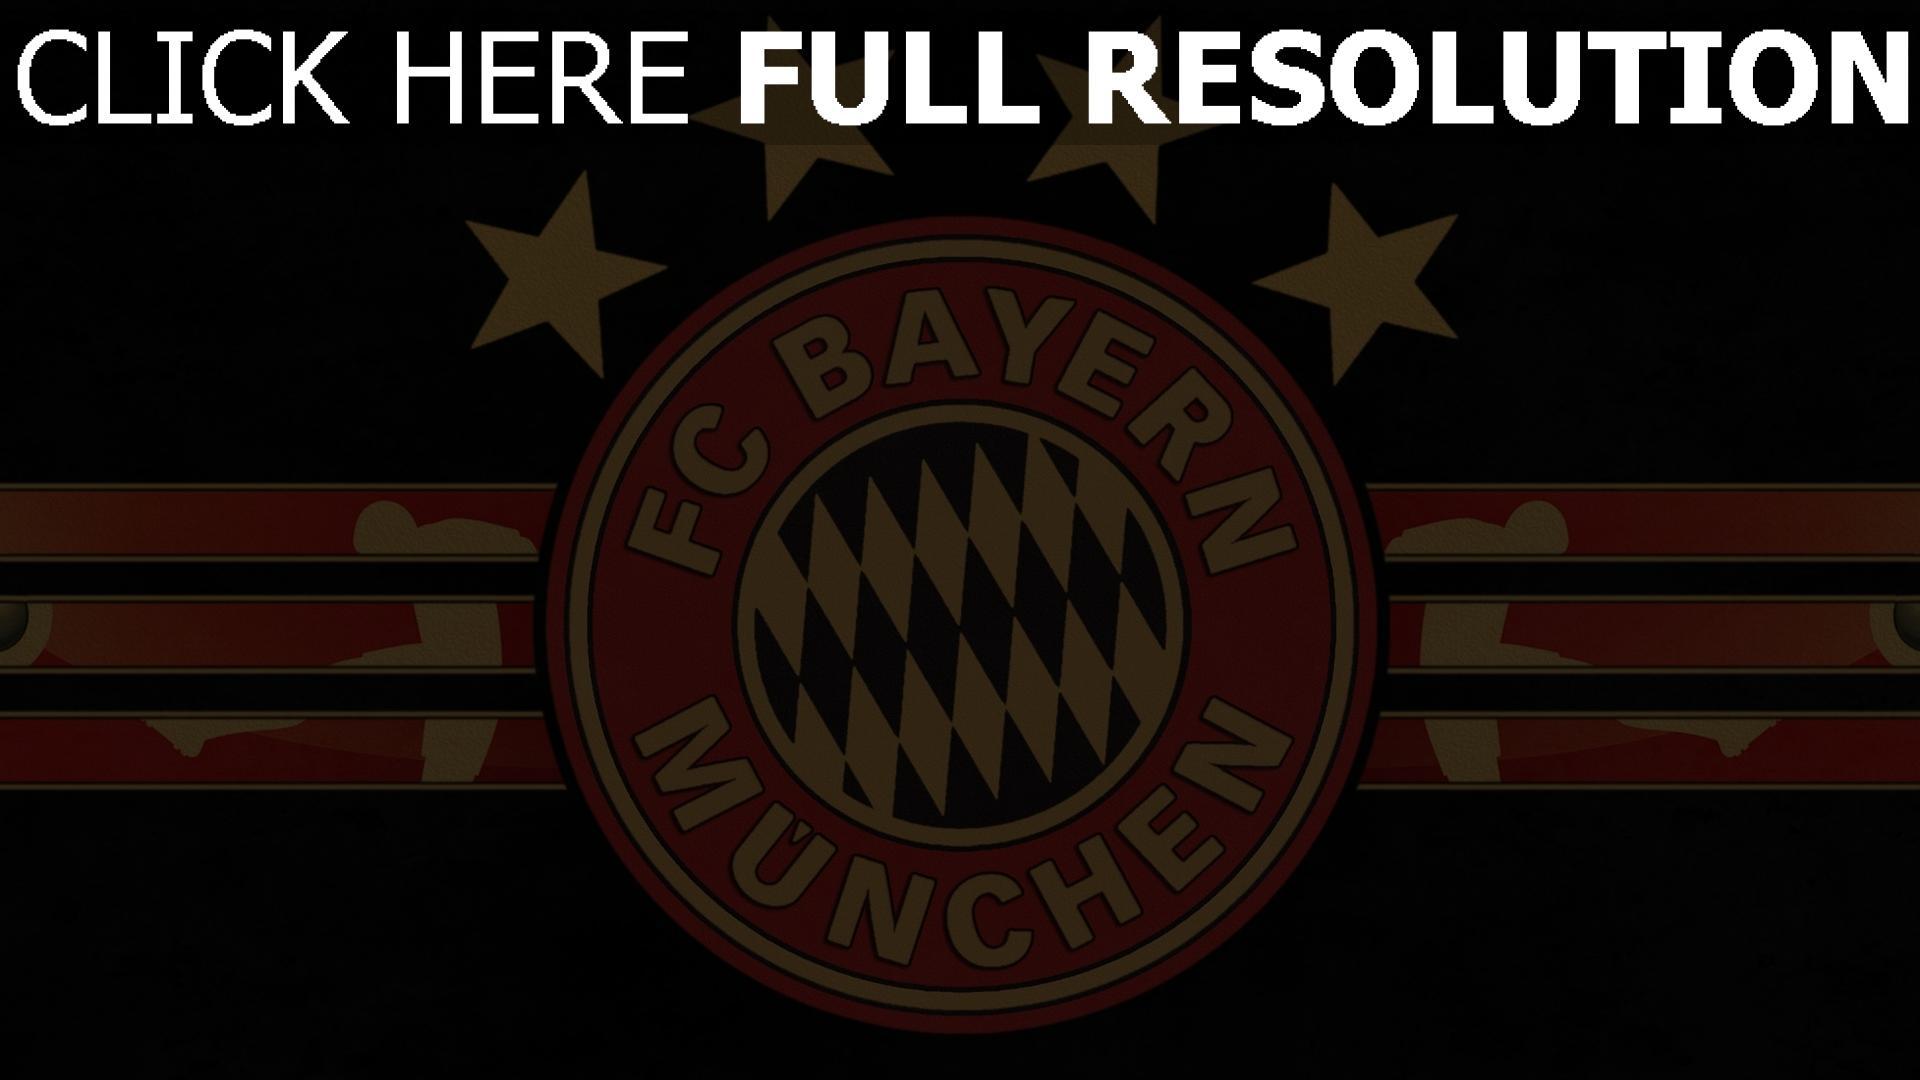 bayern fusball